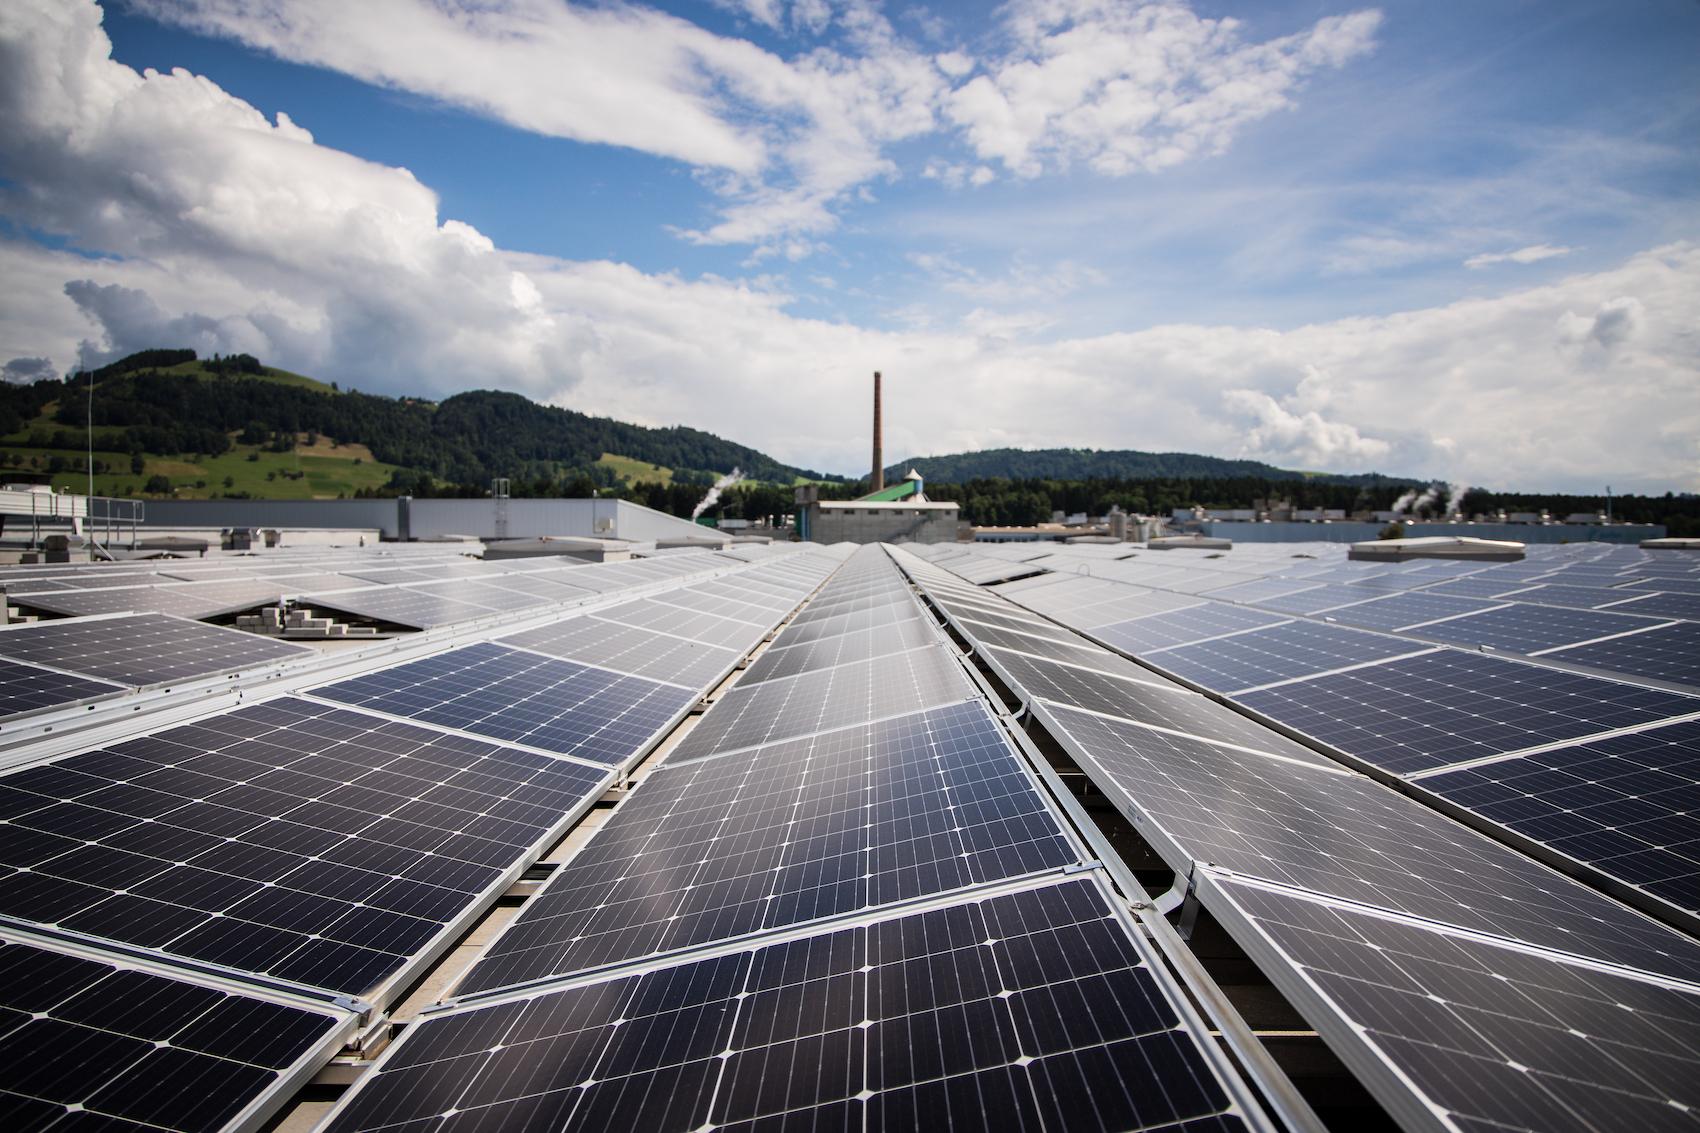 Die Anlage rechnet sich auch finanziell: Die Herstellungskosten des Stroms liegen bei unter 10 Rappen pro kWh.